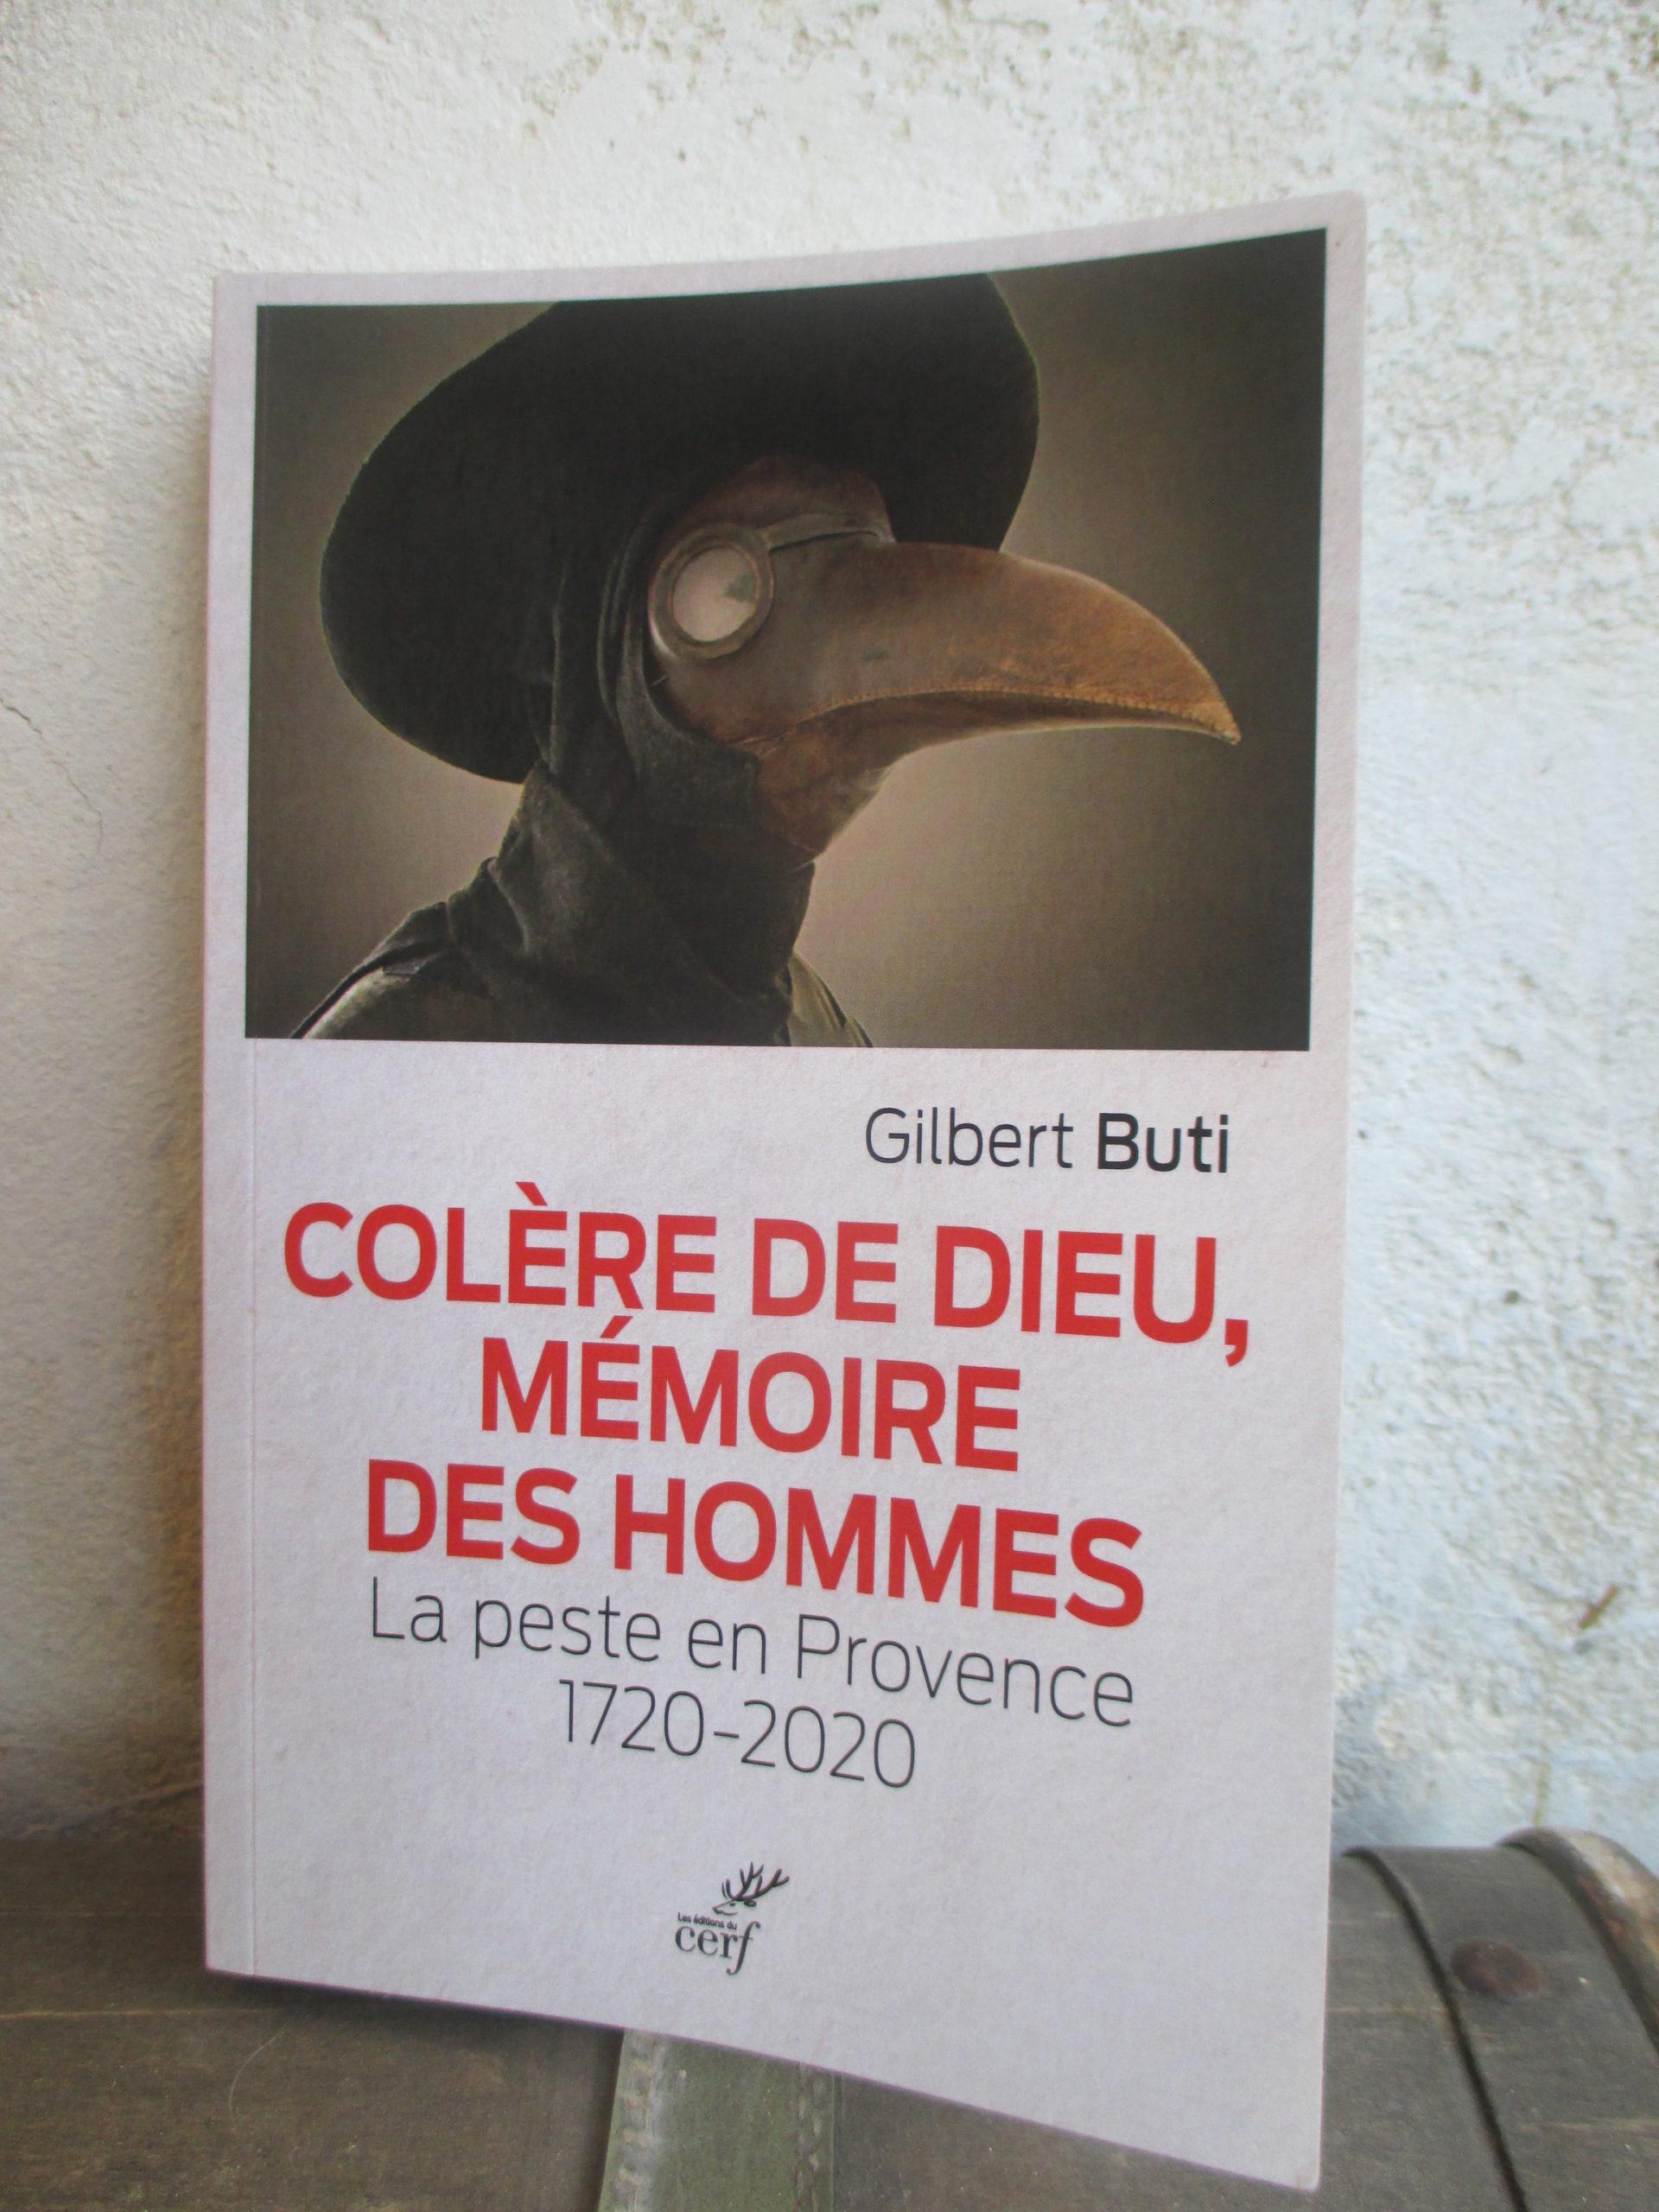 Colère de Dieu, Mémoire des hommes. La peste en Provence 1720-2020